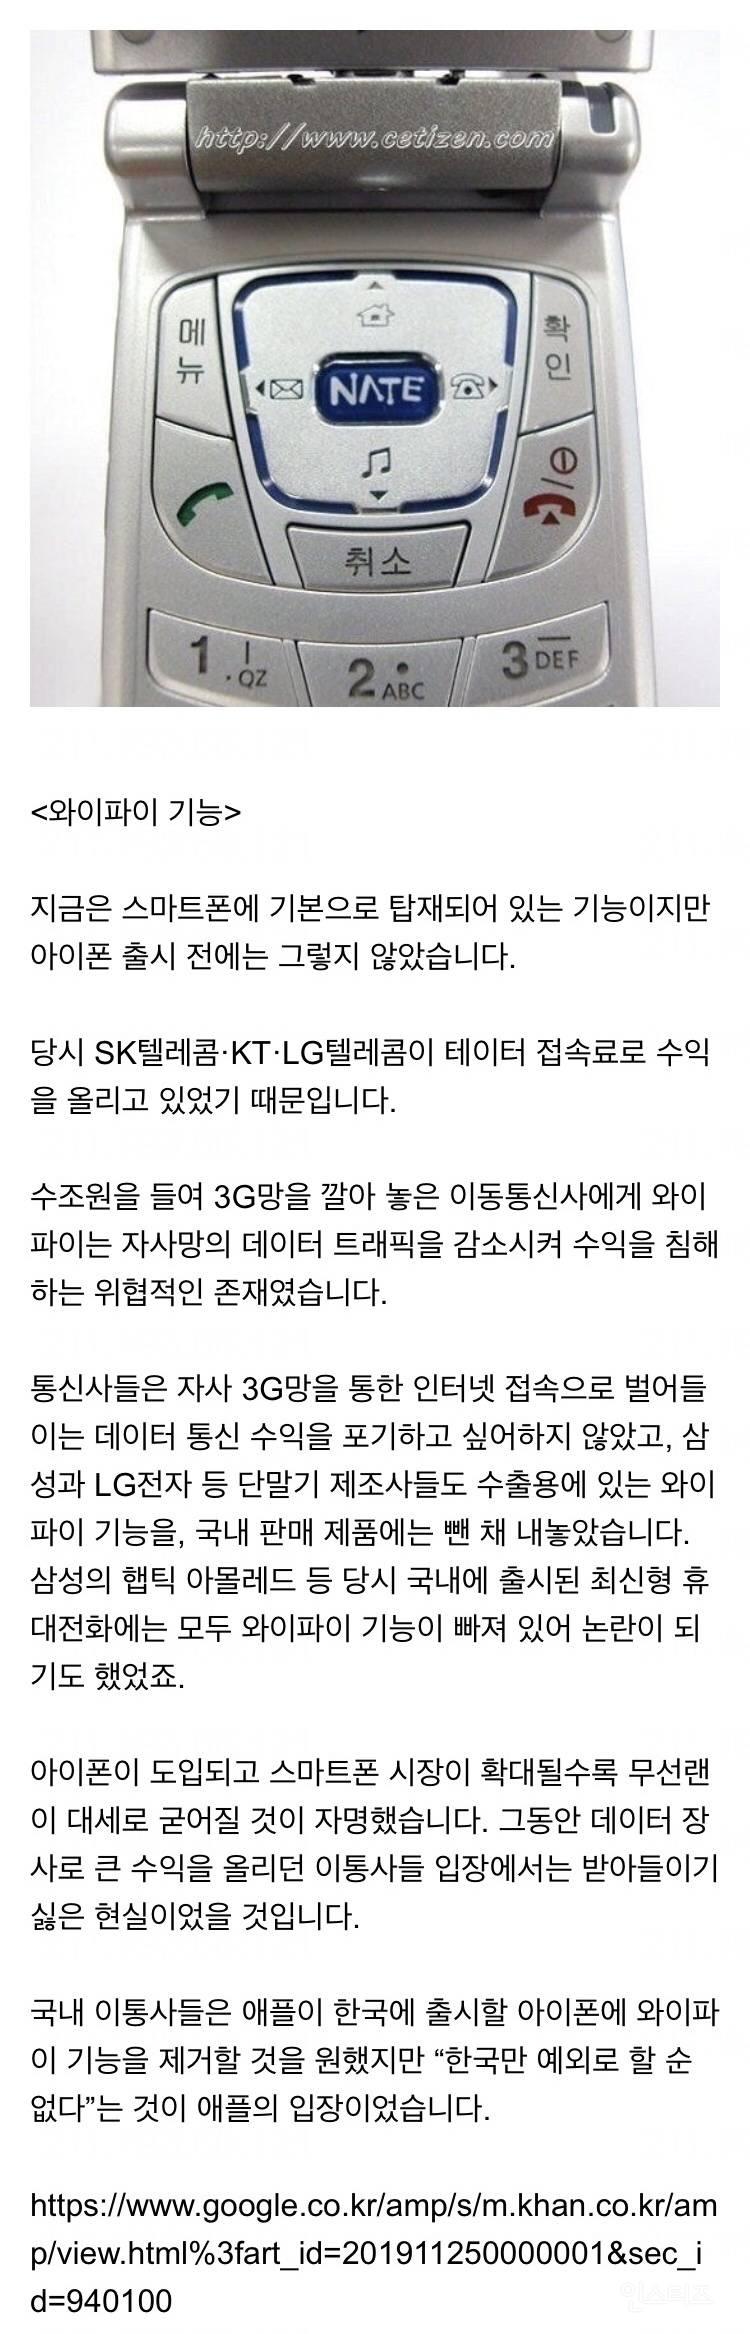 사람들이 잘 모르는 애플 한국내 최대 업적 (평생 까방권 획득) | 인스티즈